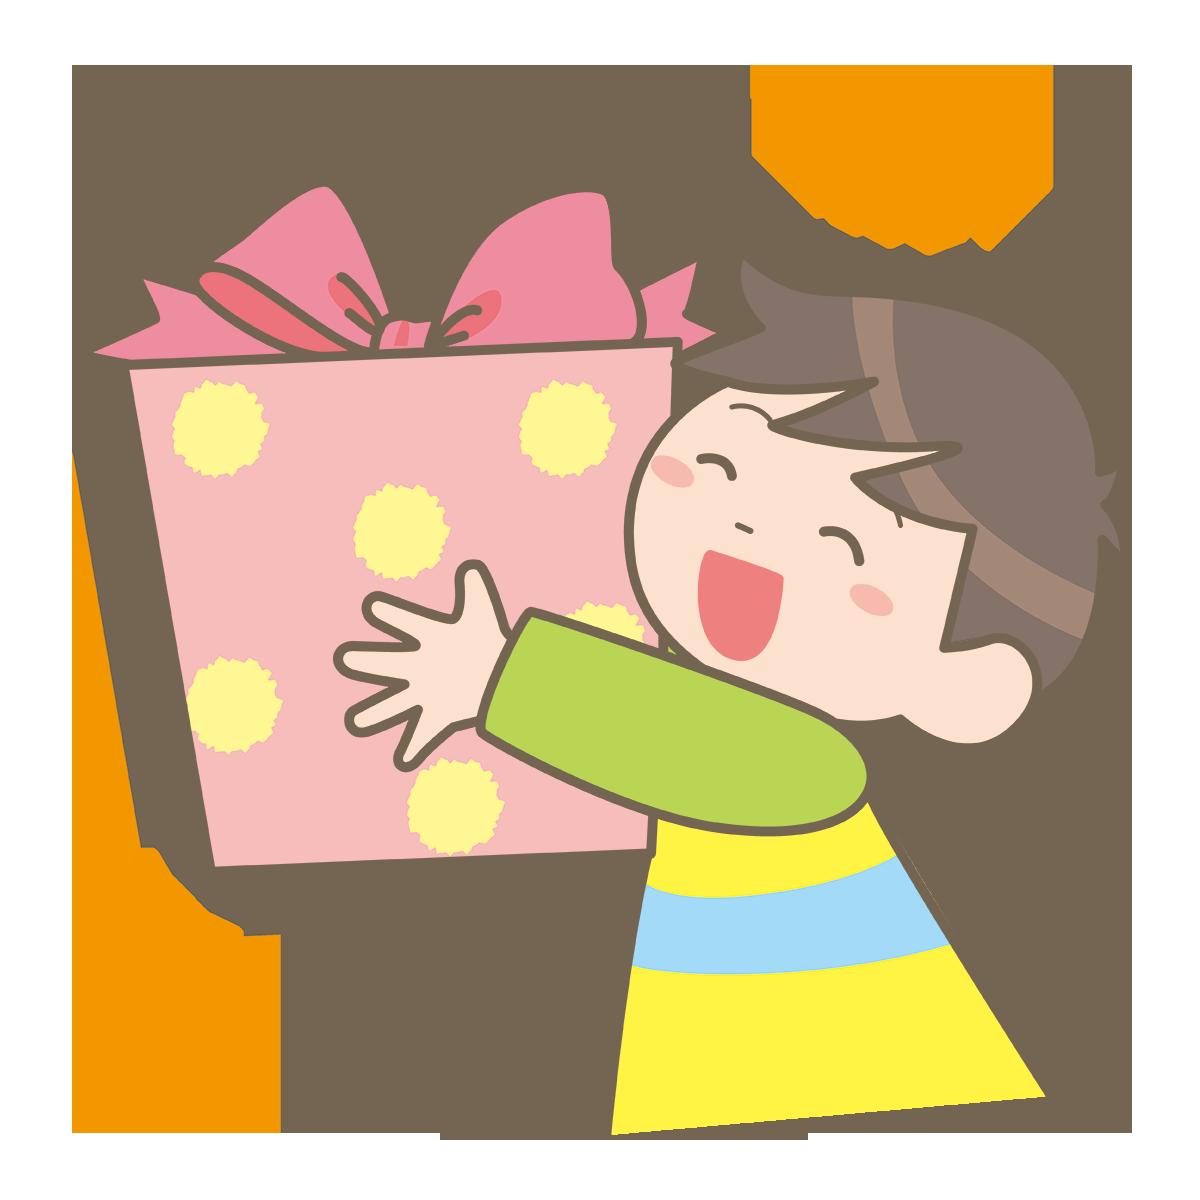 プレゼントをもらって喜んでいる子どものイラストフリー素材看護